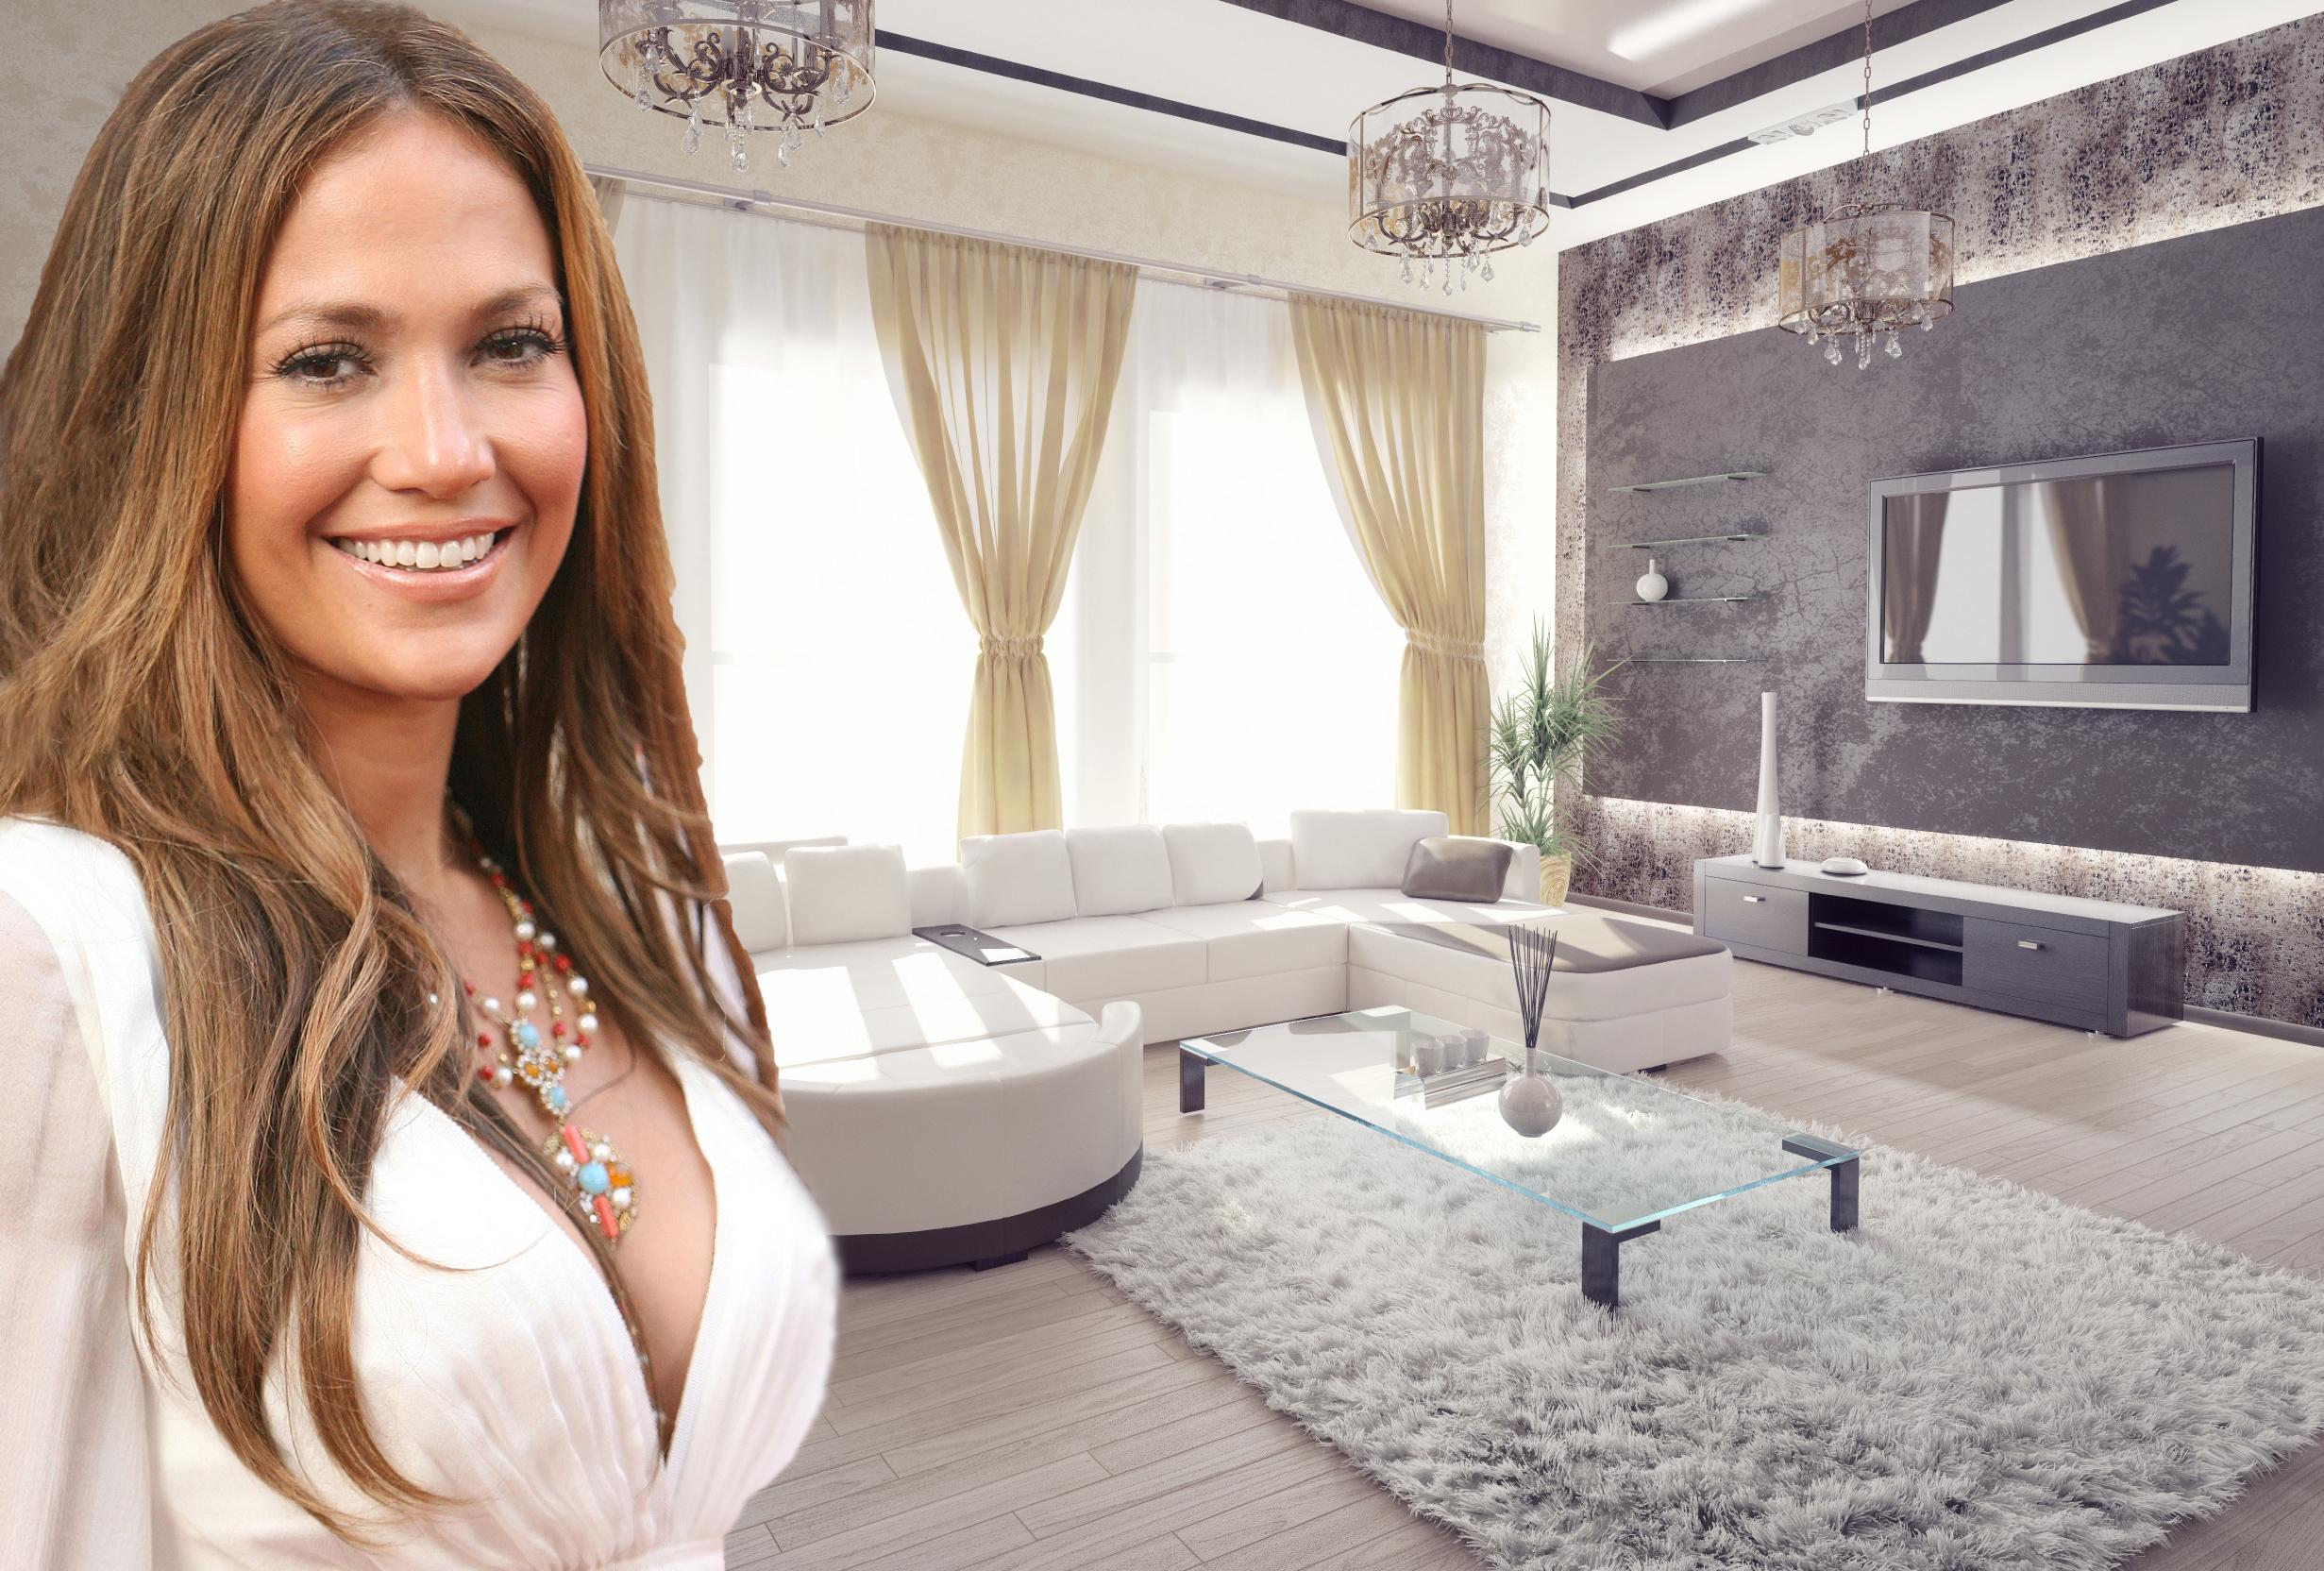 jlo living room 540f5b75e8fc4_ _ver jlo livingroom msc | House | Pinterest  525 X 700